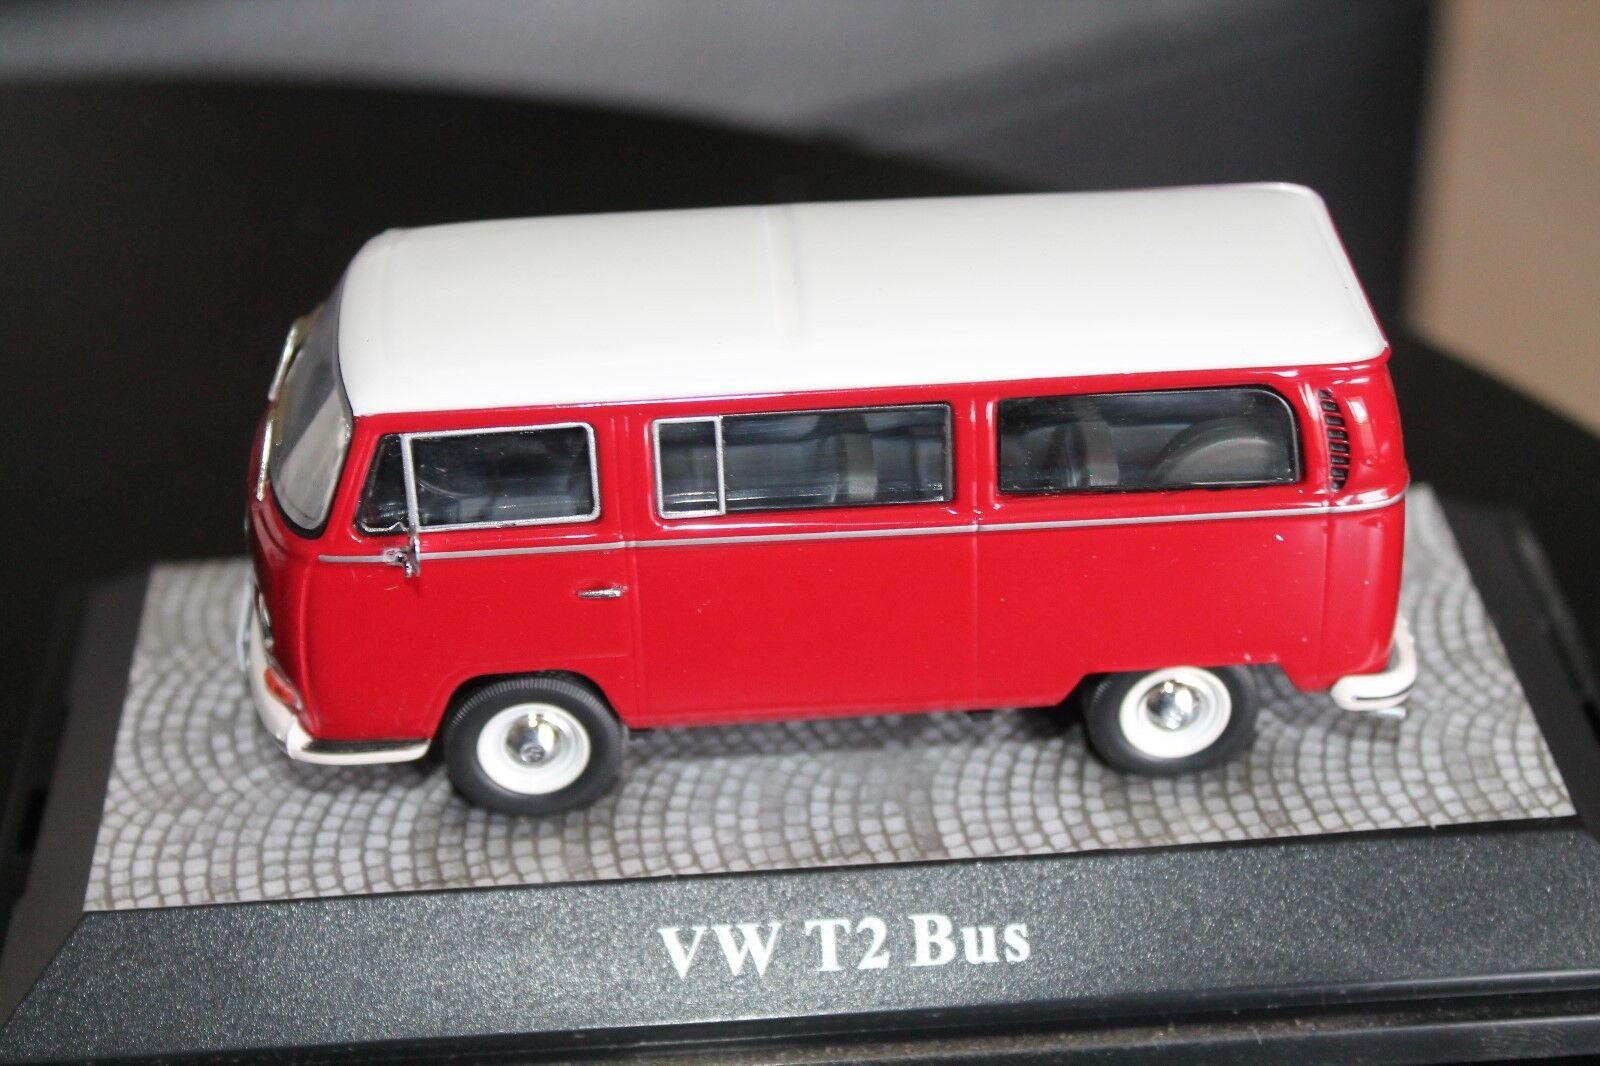 PREMIUM CLASSIXXS  VOLKSWAGEN T2 ( VW ) BUS  1 43  OVP   LIMITIERT